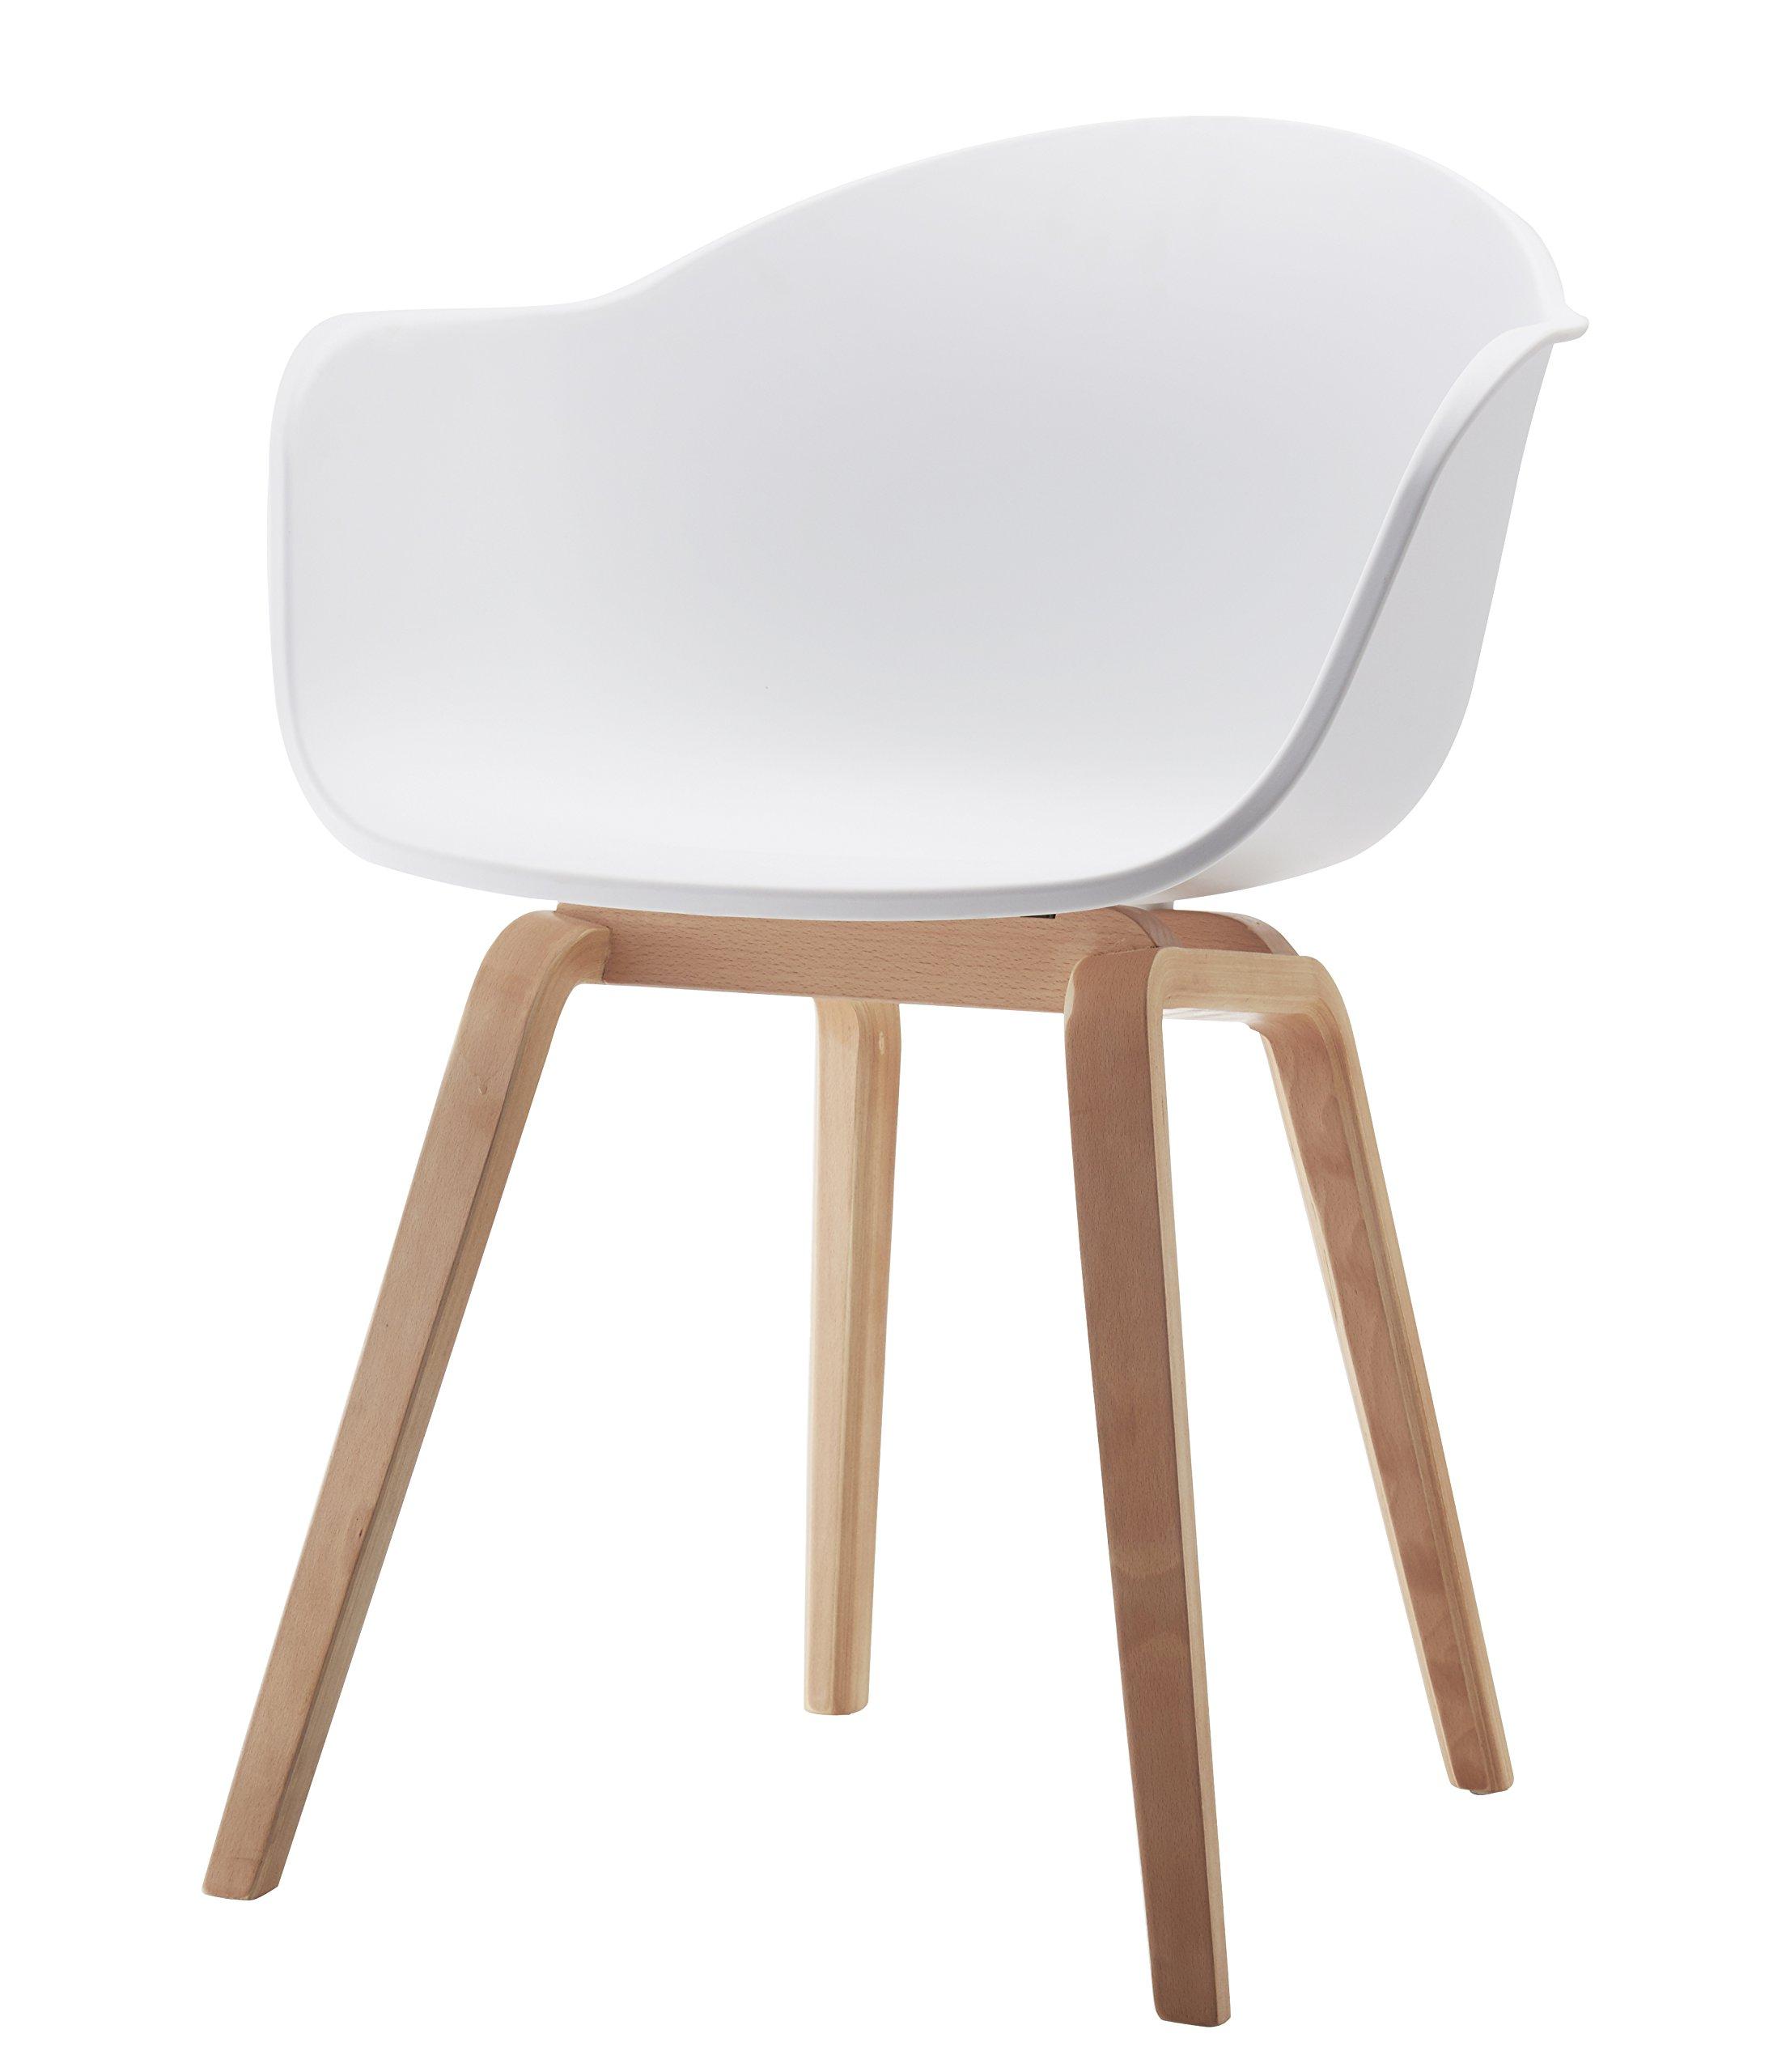 Damiware Juliet Wohnzimmerstuhl Esszimmerstuhl 2er-Set Grau Polypropylen und Buchenholz Retro Design Stuhl für Büro Lounge Küche Wohnzimmergrey (Grau) 1